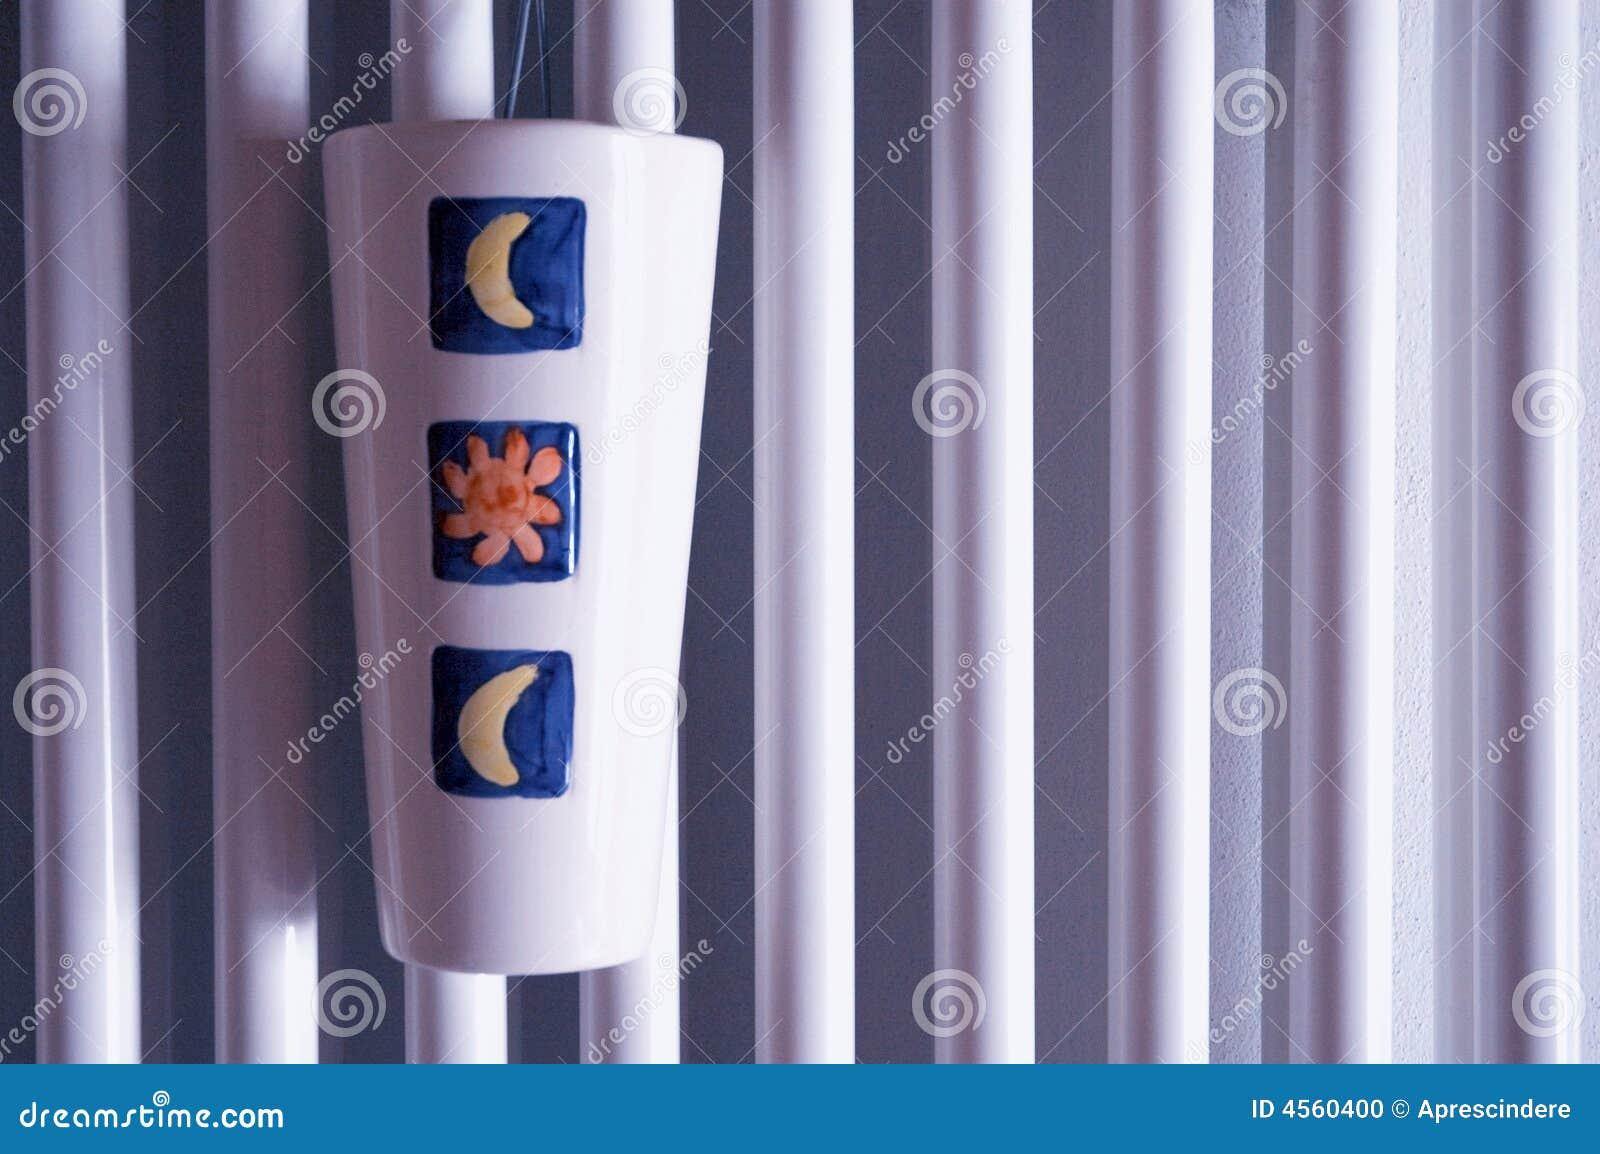 Surface de radiateur avec l 39 humidificateur photo stock - Humidificateur pour radiateur ...